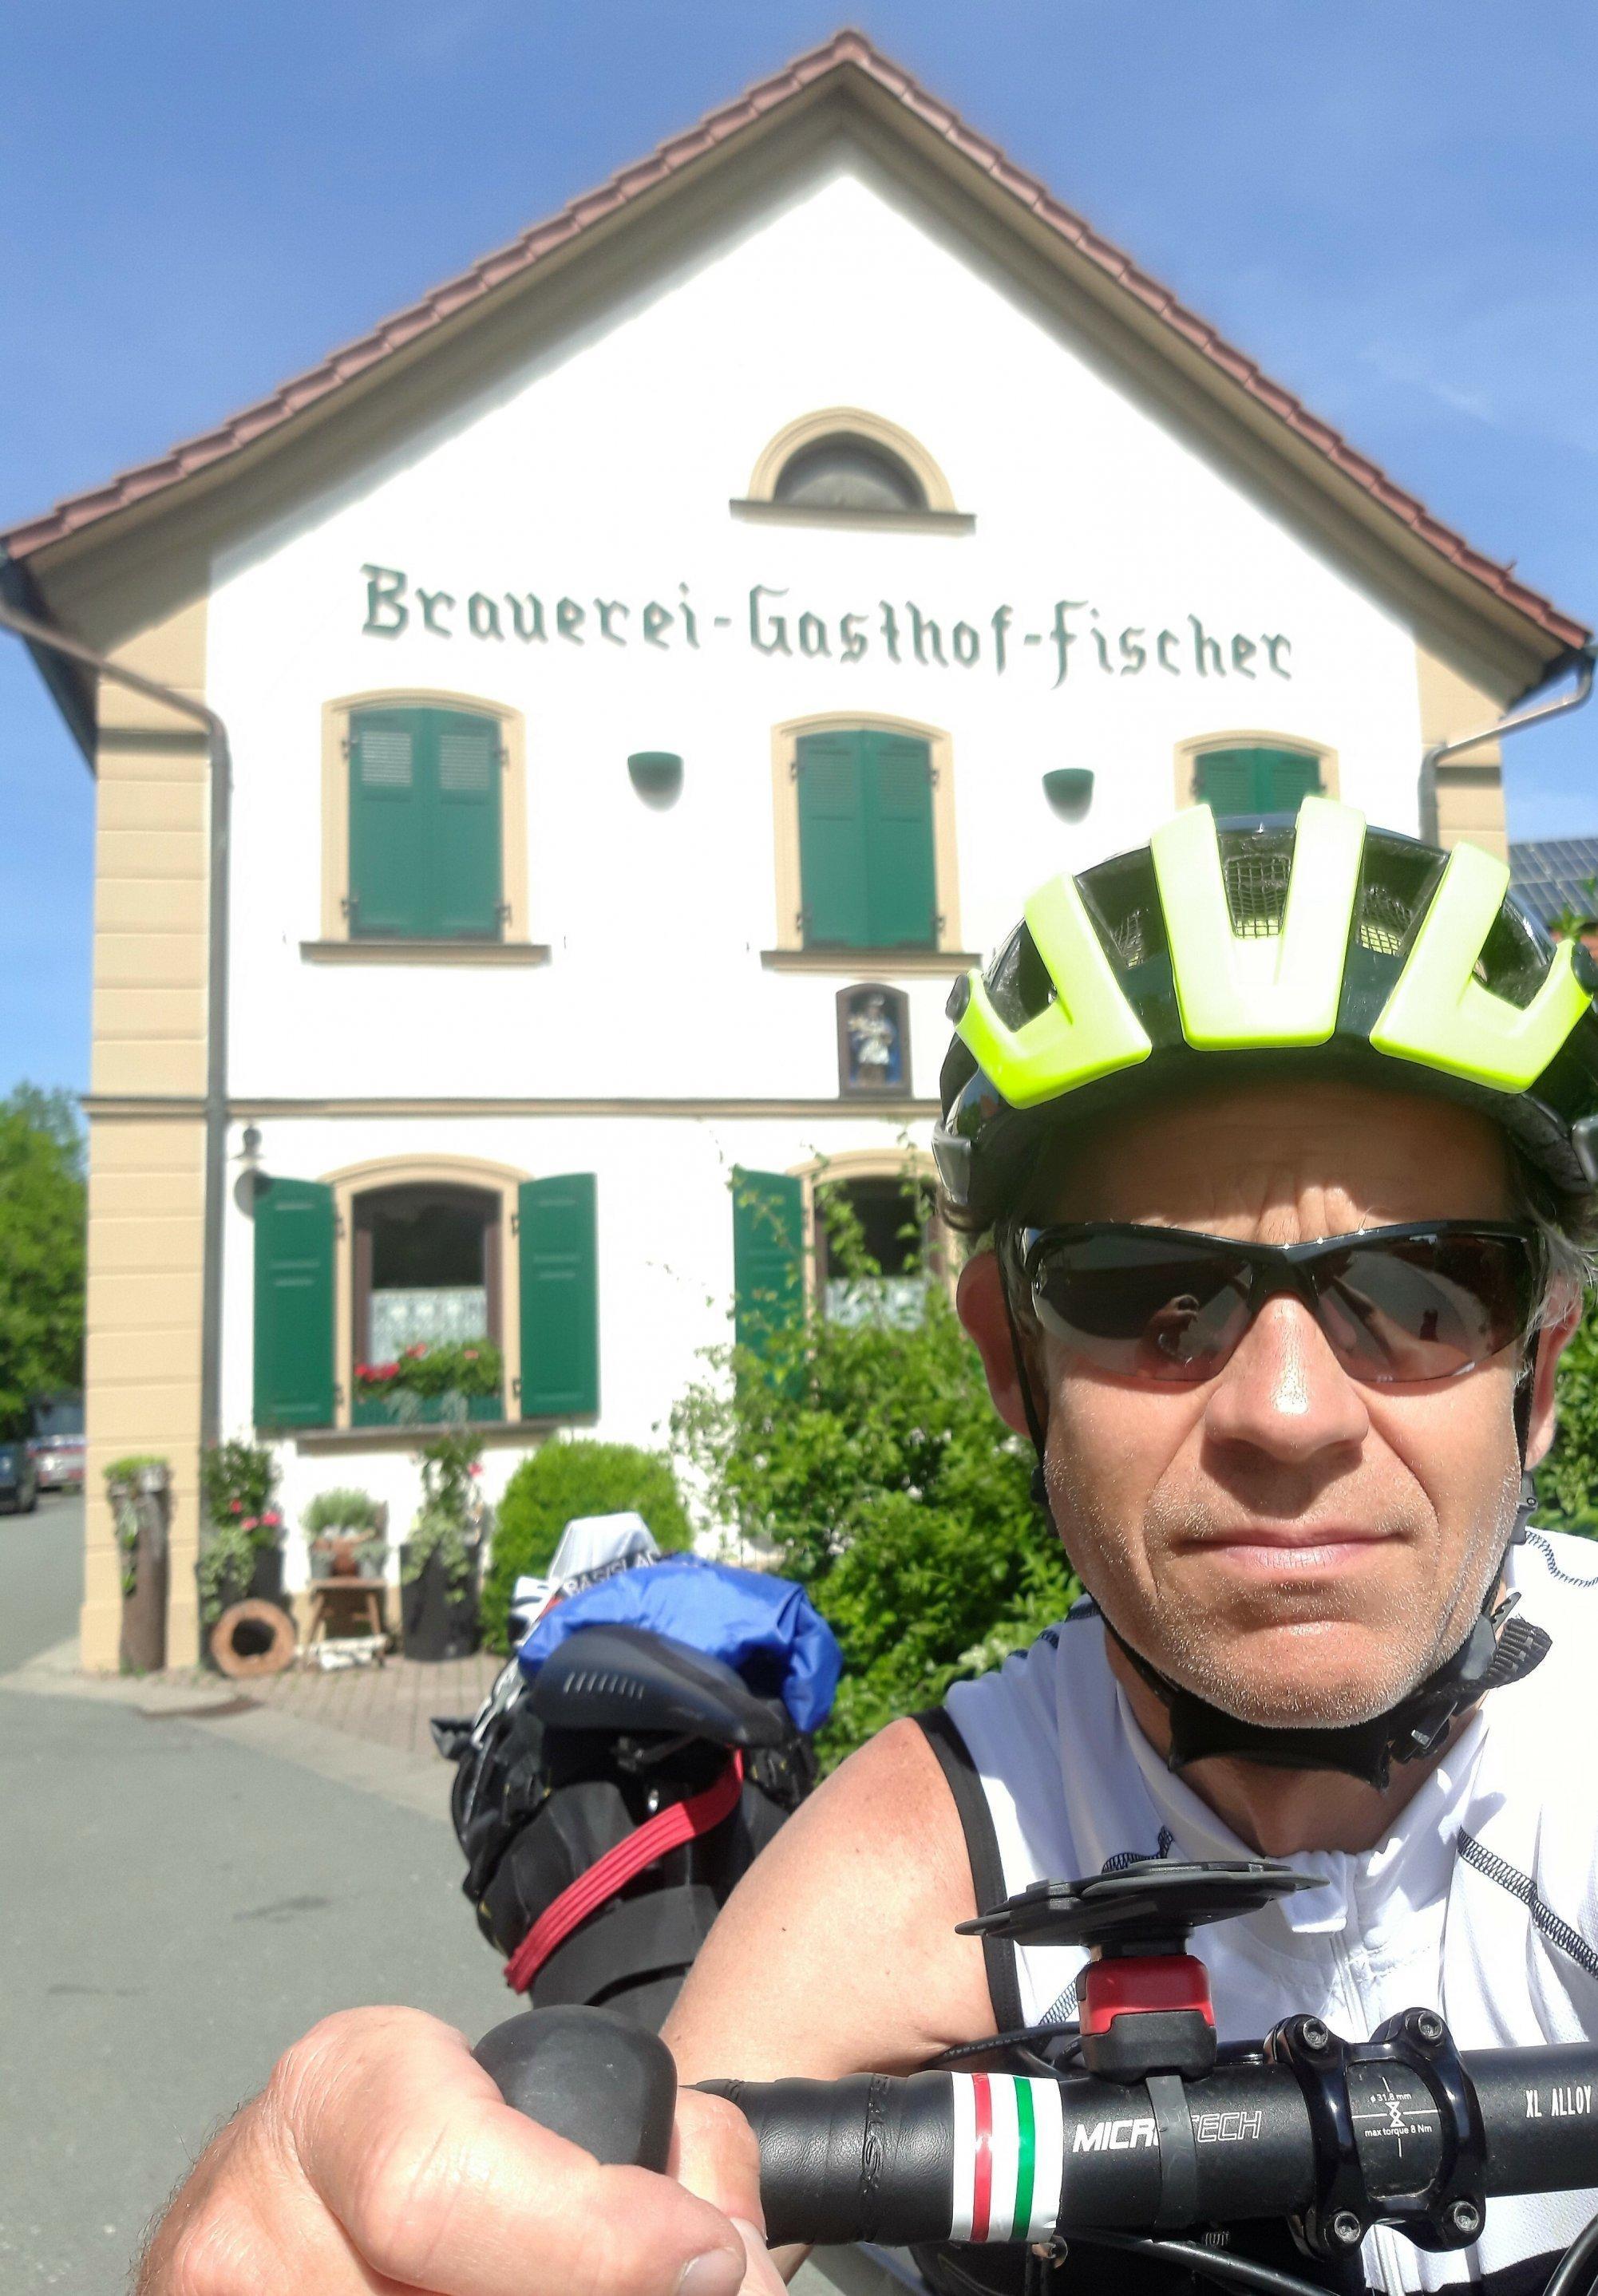 Selfie des Helm-bewehrten RadelndenReporters vor der weißen Hausfront der Brauerei, Aufschrift dort: Brauerei-Gasthof-Fischer.